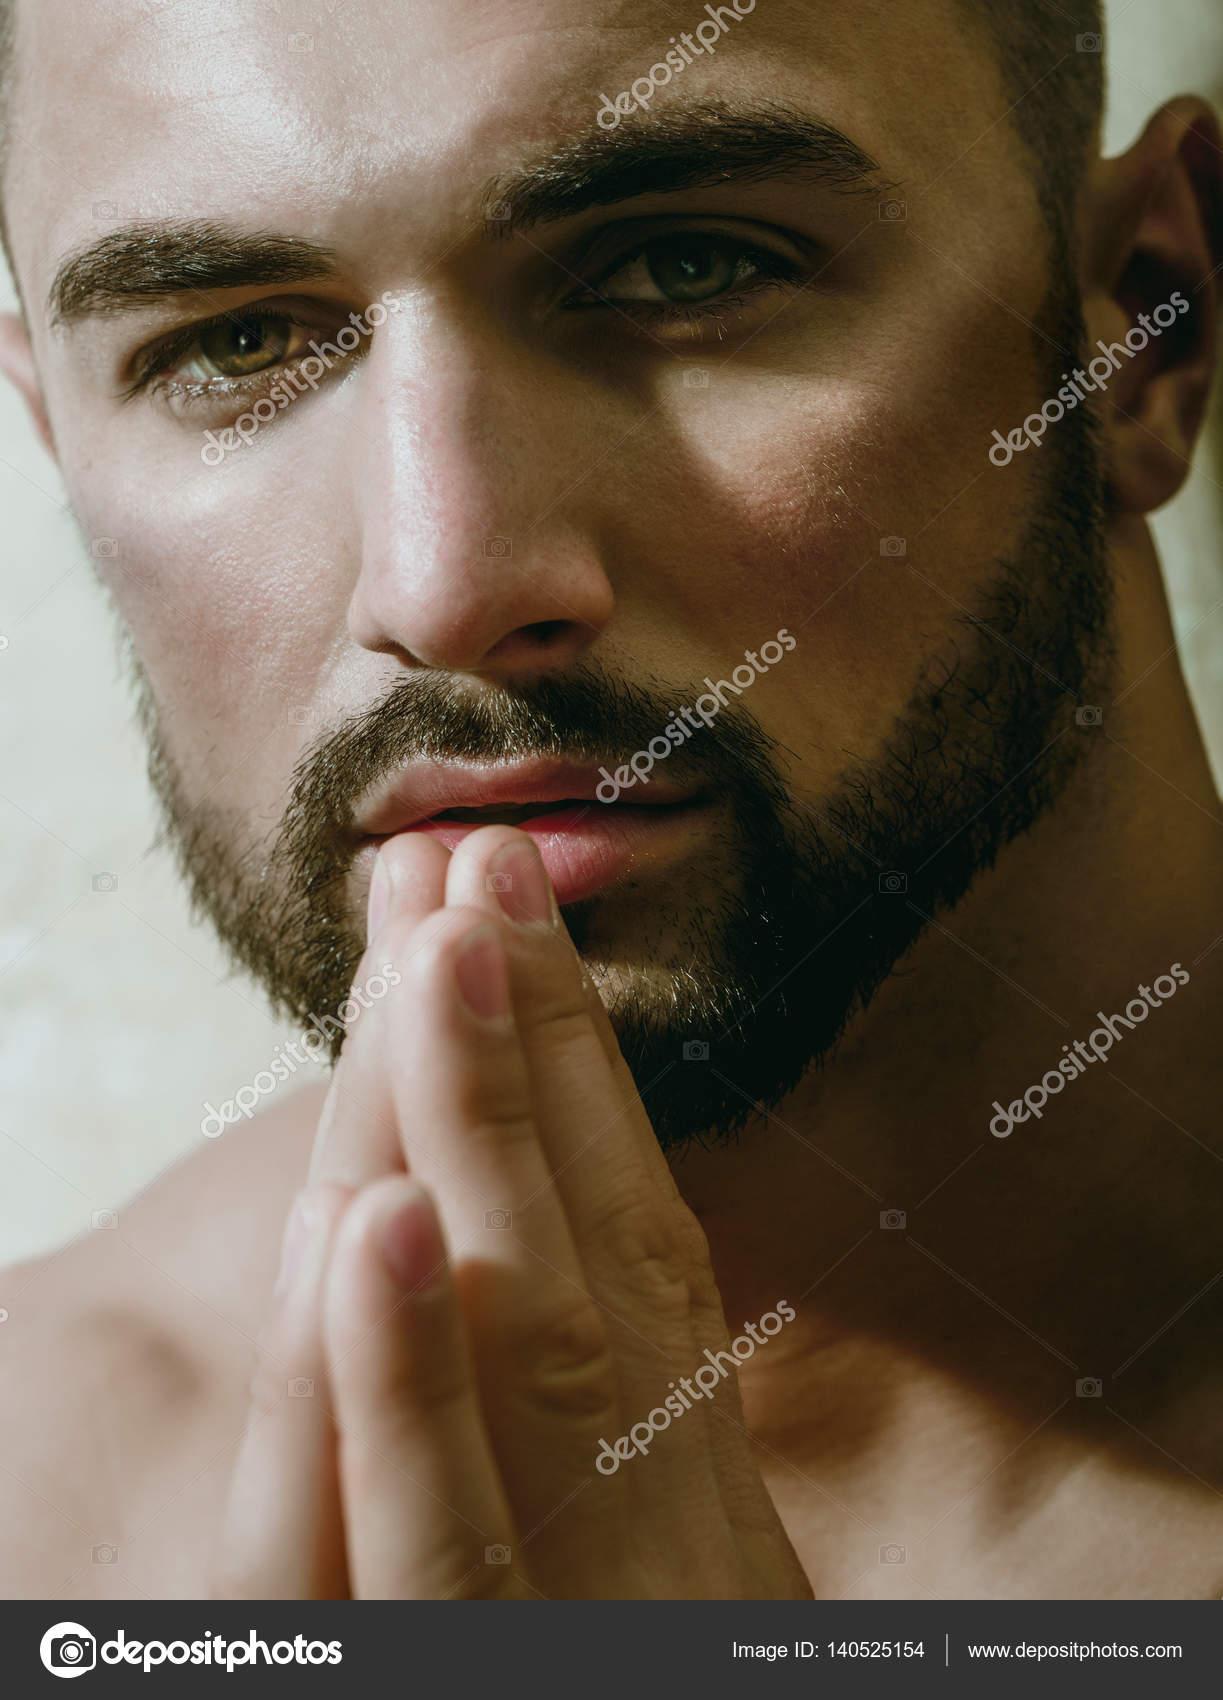 Dua Ve Kameraya Bakarak Seksi Adam Yakışıklı Portresi Erkeksi Bir